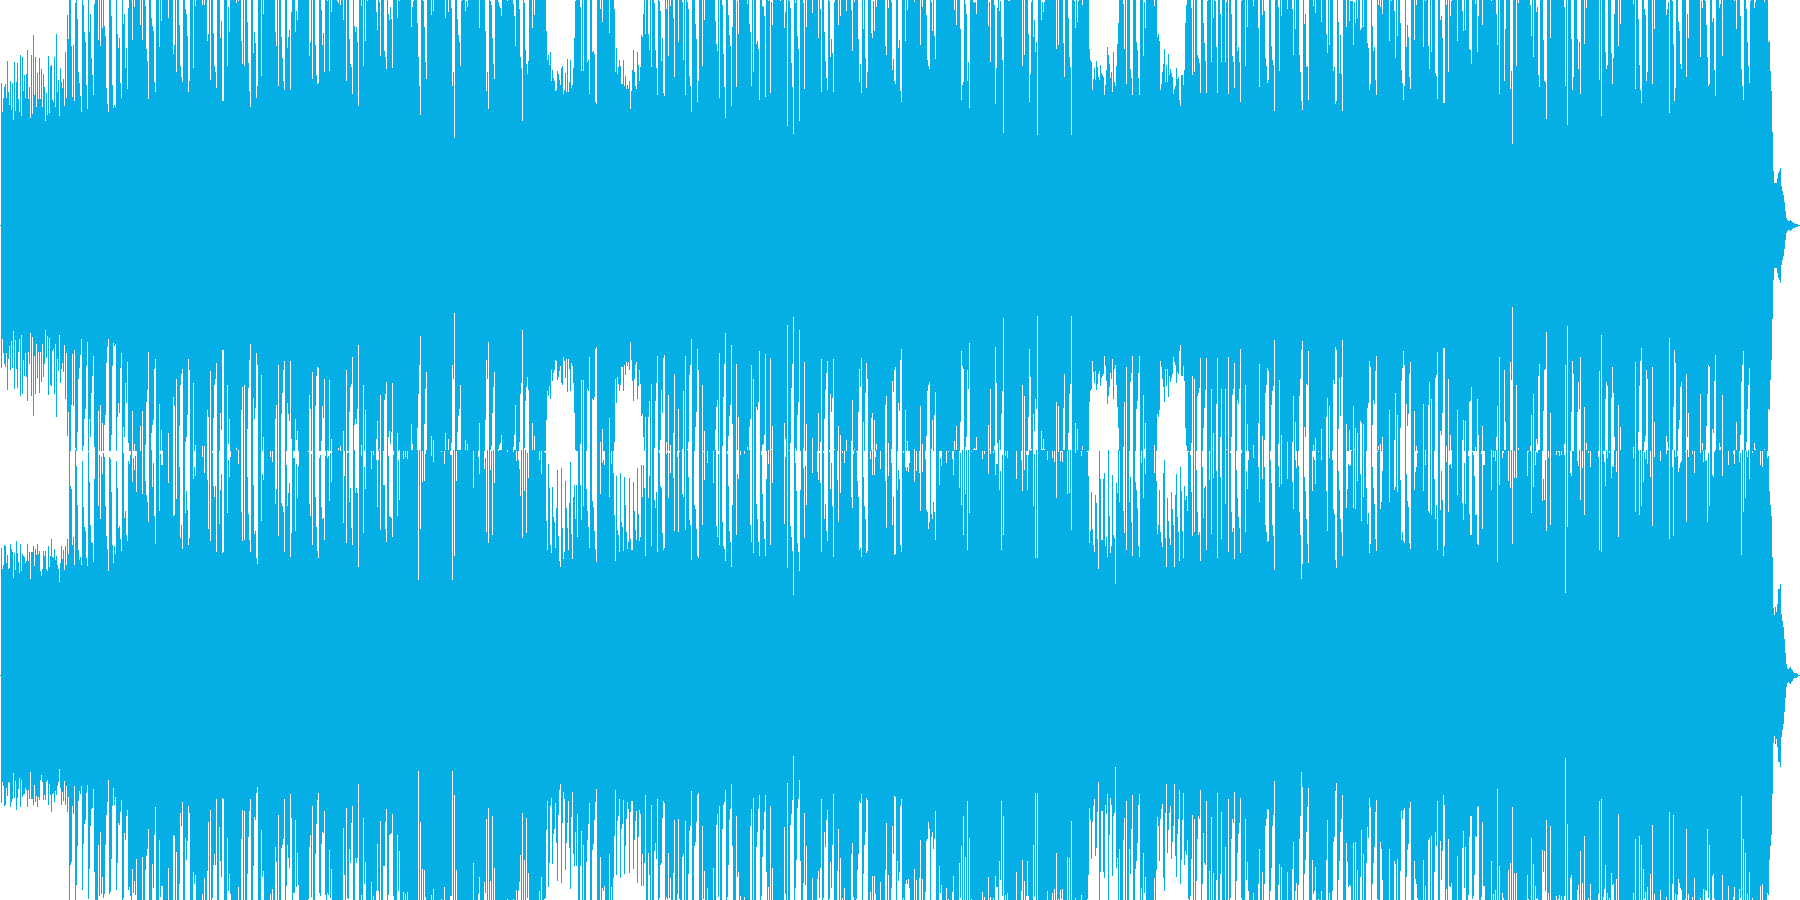 パワフルなデスメタルBGMの再生済みの波形